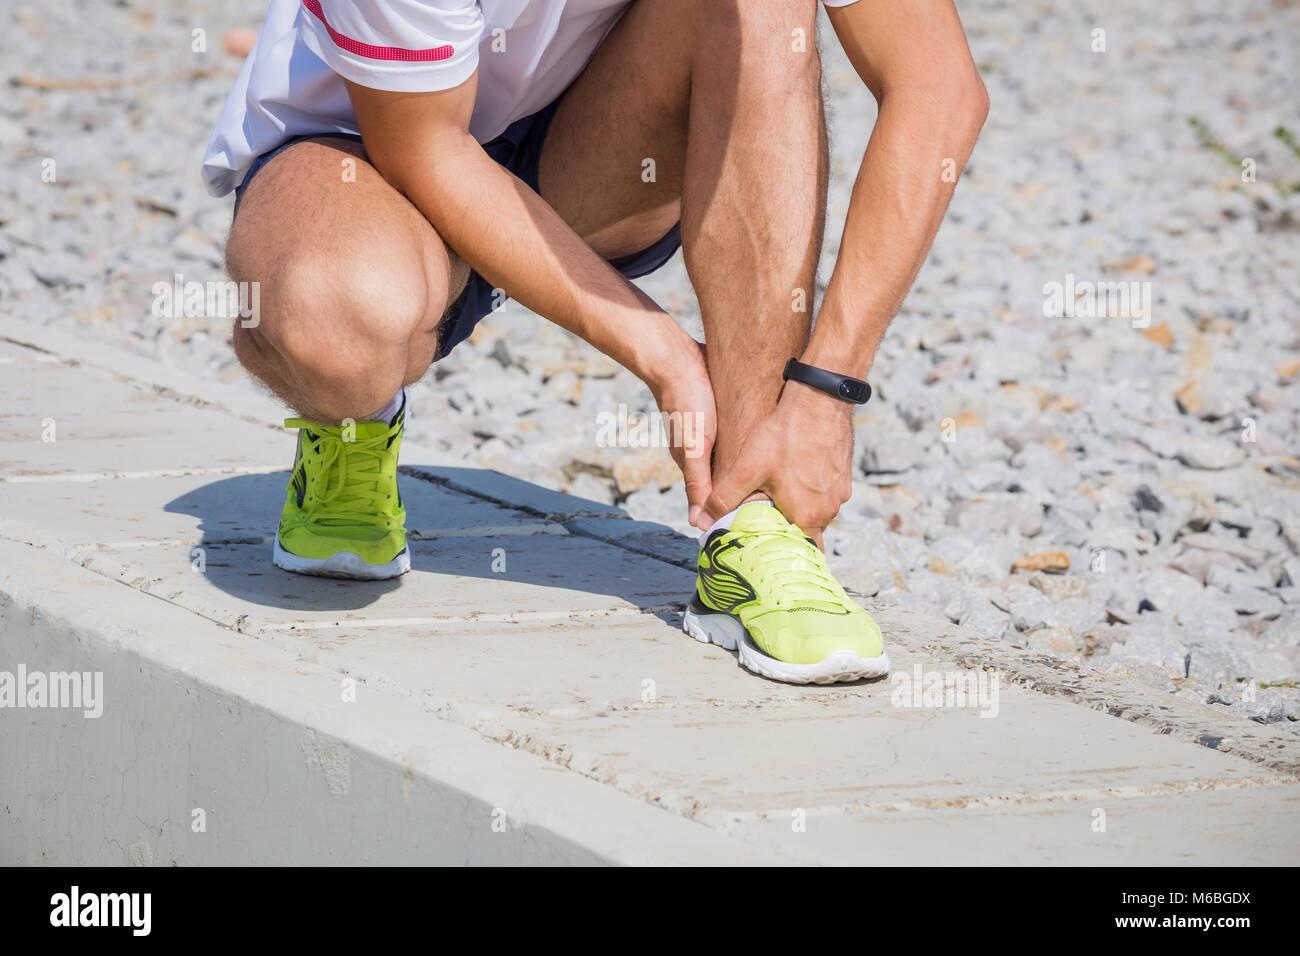 L'athlète exécute la sensation de douleur après avoir sa jambe blessée. Accident sur une piste de course au cours Banque D'Images